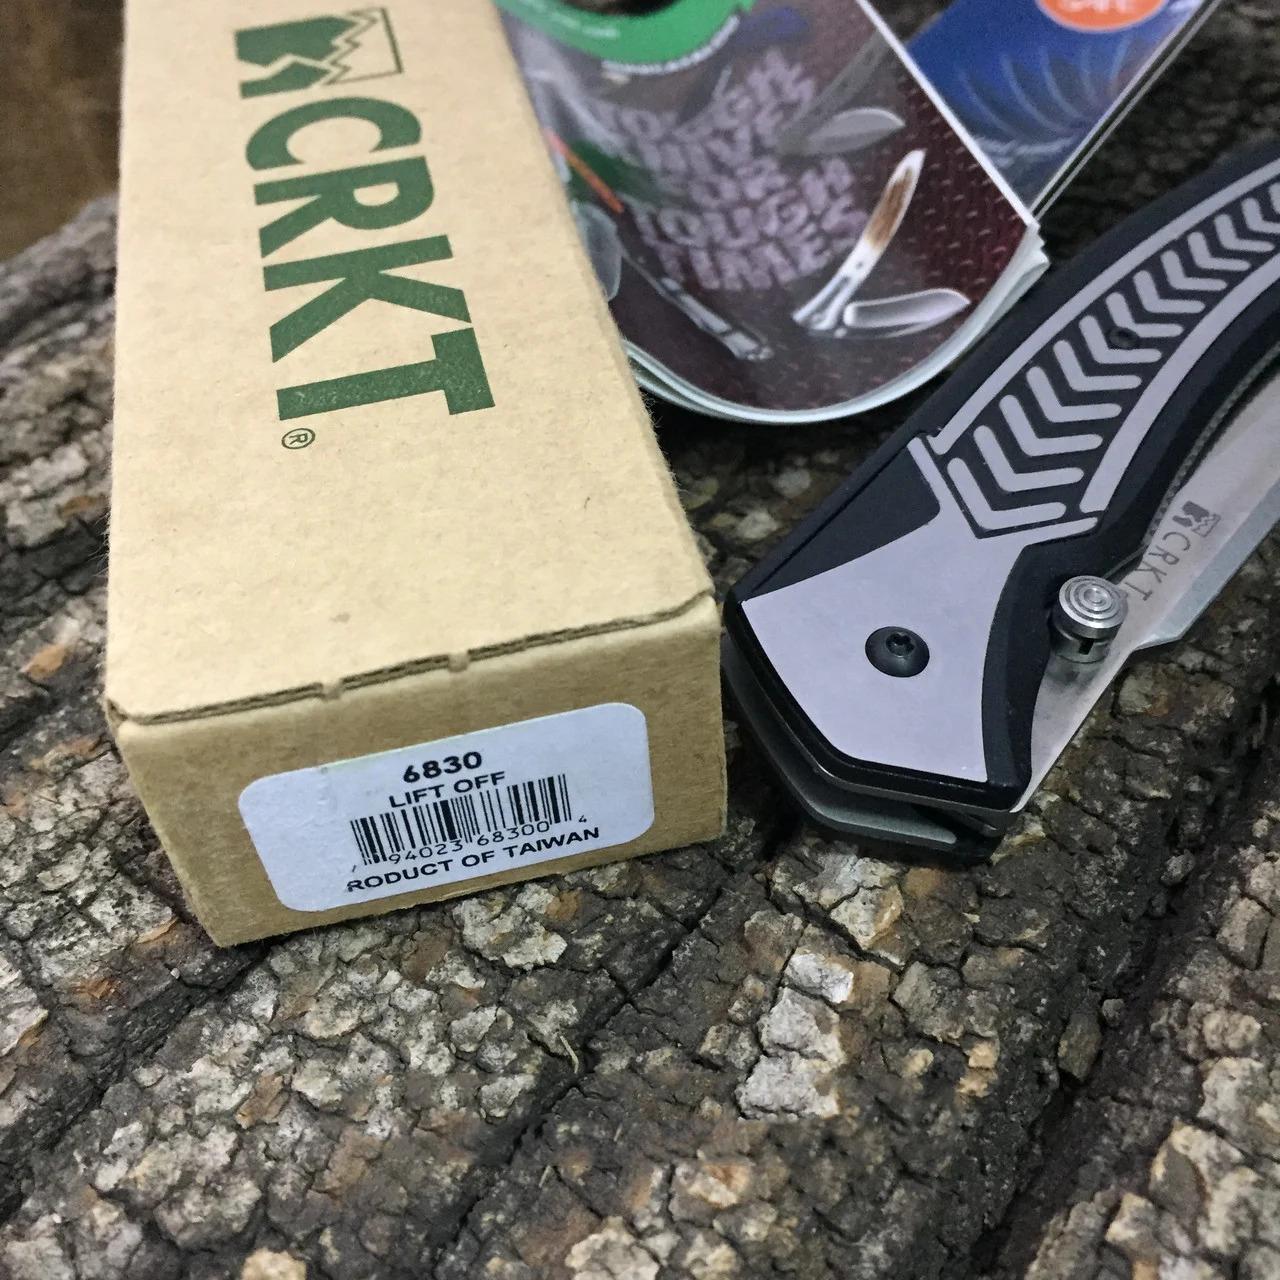 Фото 12 - Полуавтоматический складной нож Lift Off, CRKT 6830, сталь AUS-8, рукоять термопластик Zytel®/сталь